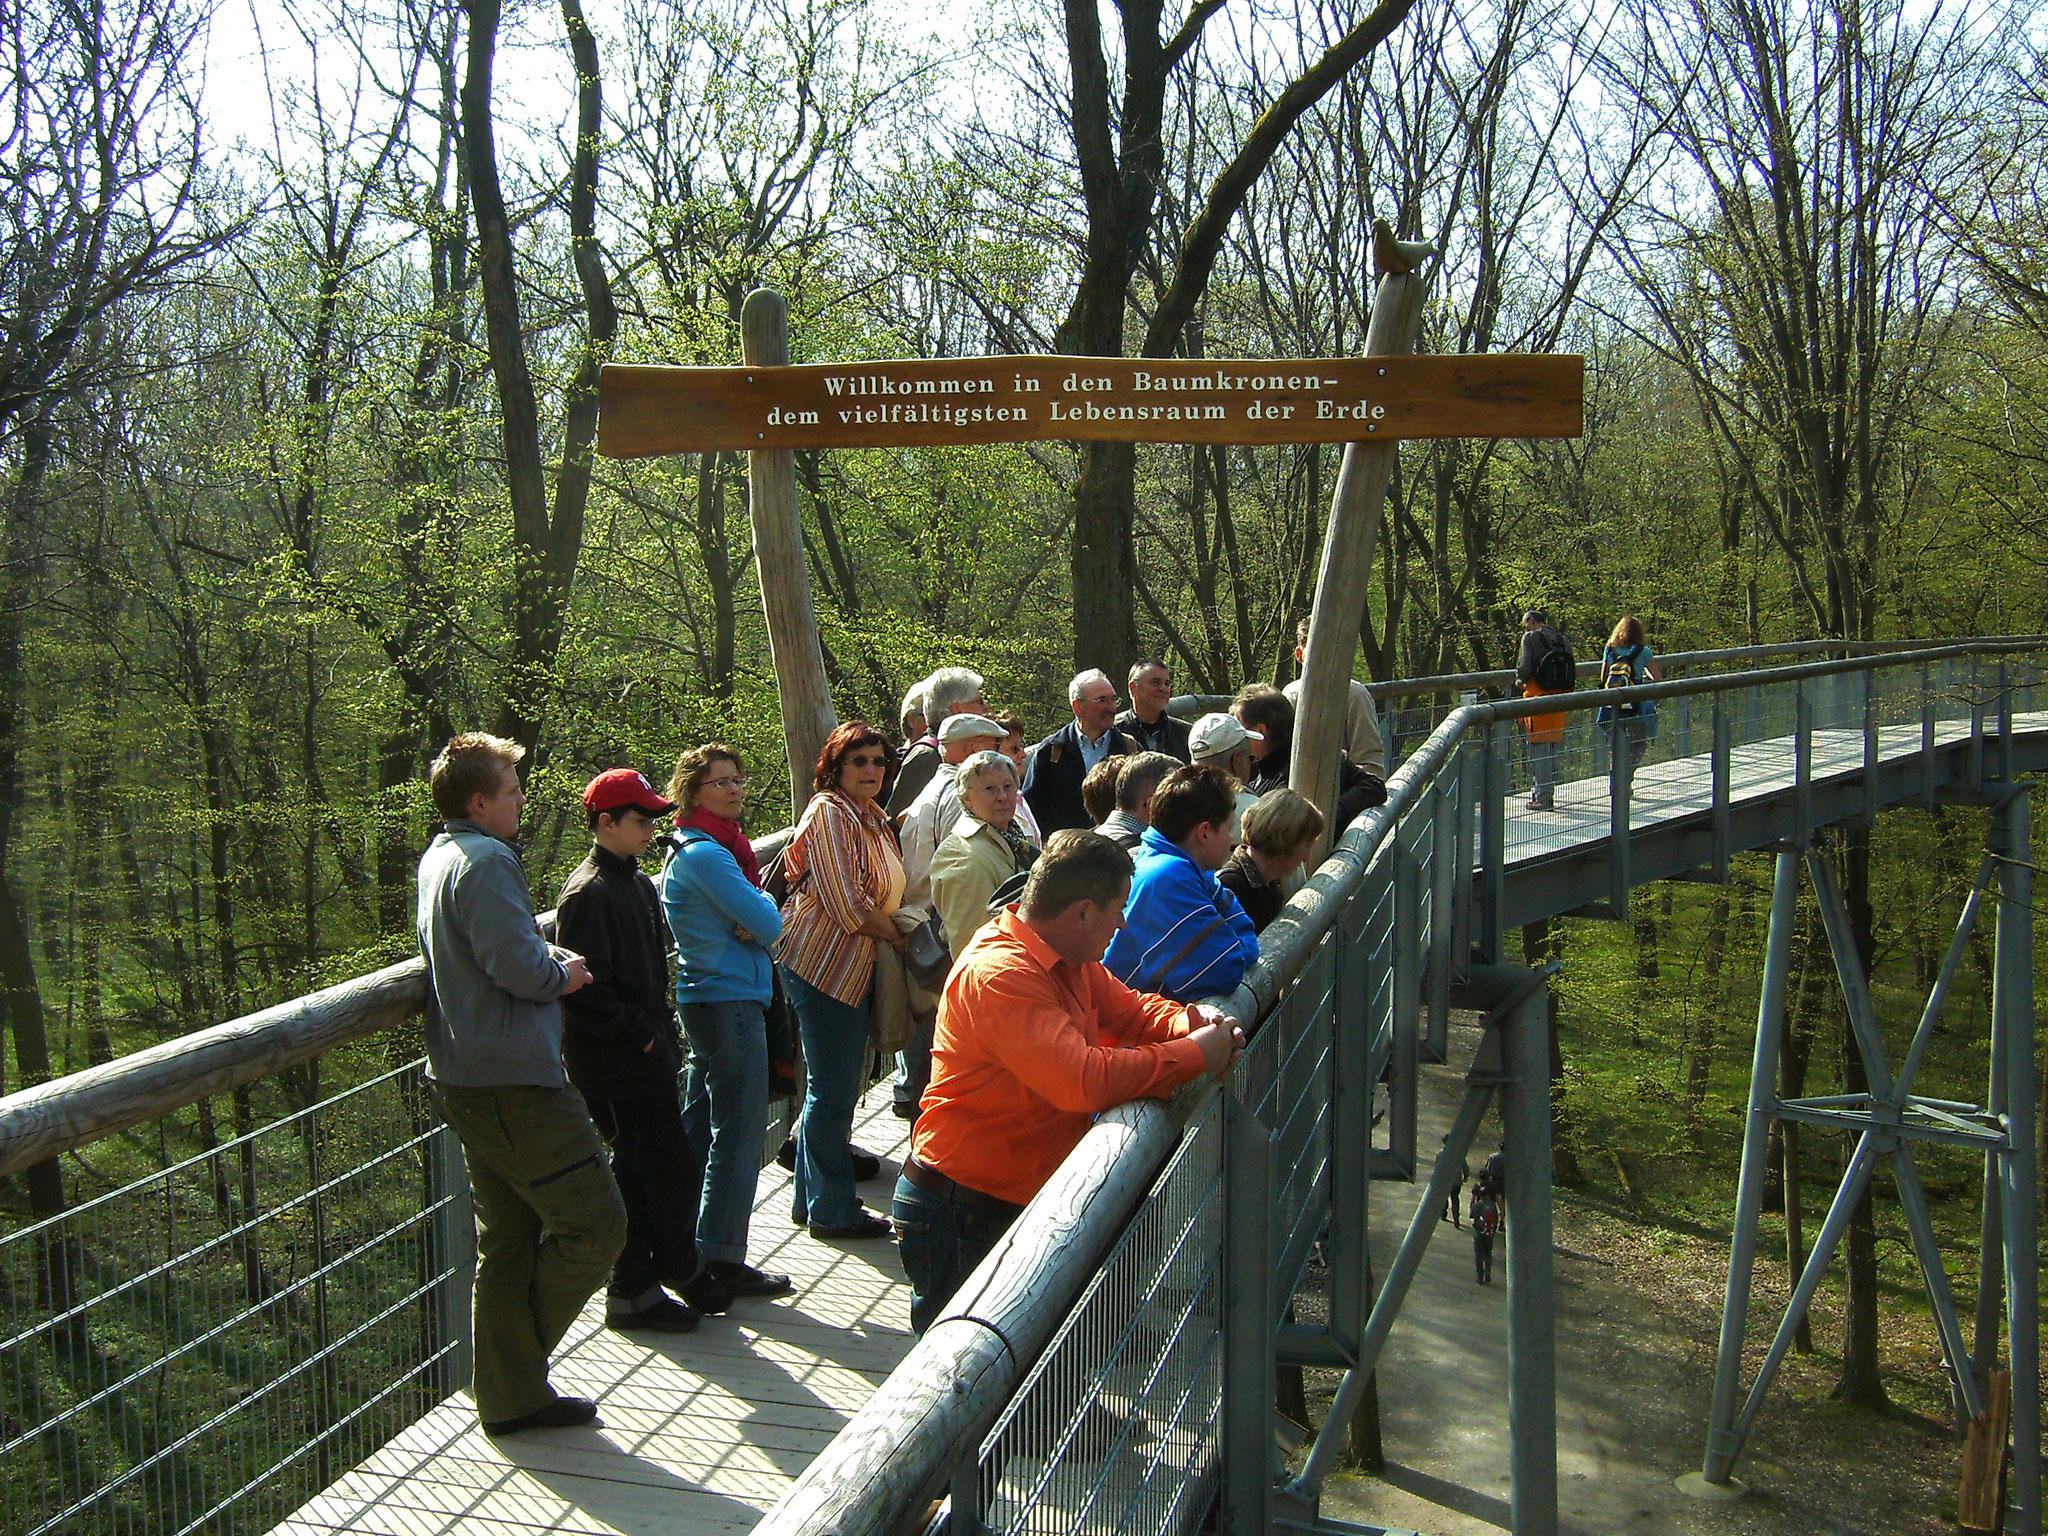 Vereinsausflug 2008 zum Baumkronenpfad im Nationalpark Hainich (Foto: Lothar Ruppel)